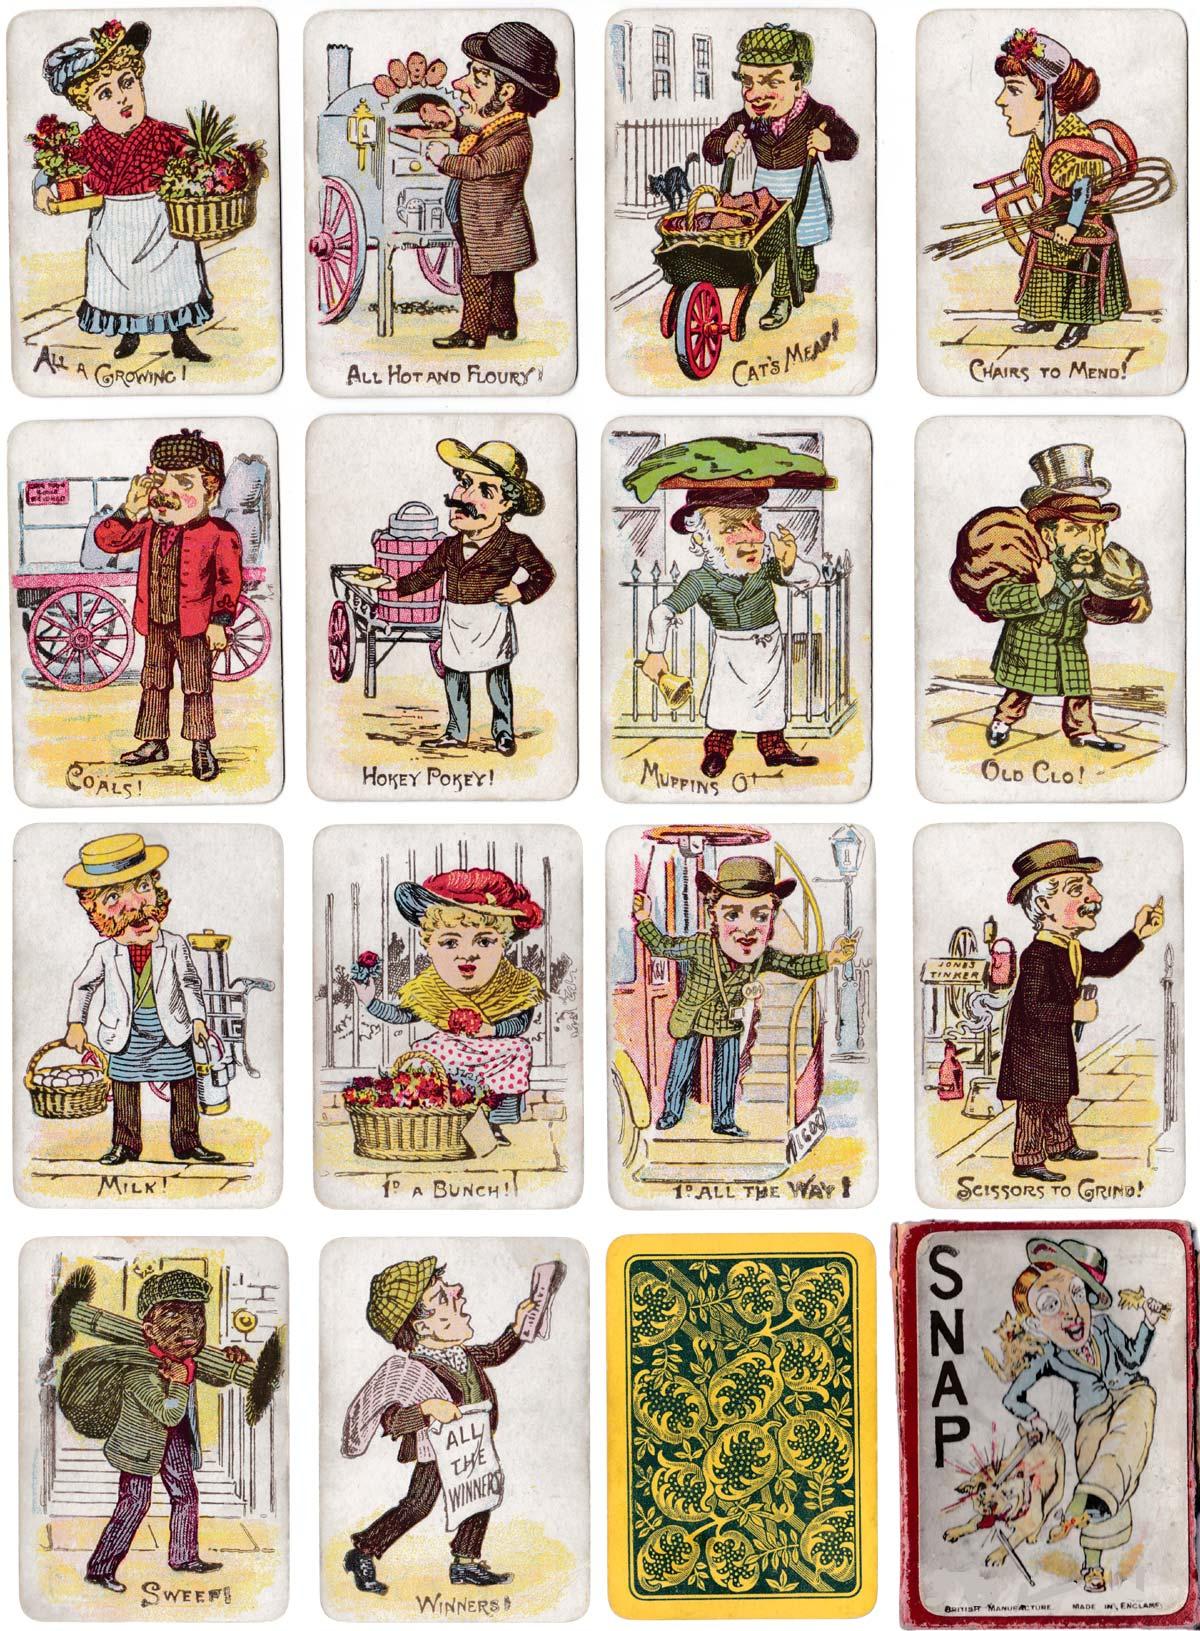 'Snap' by Woolley & Co Ltd, c.1905